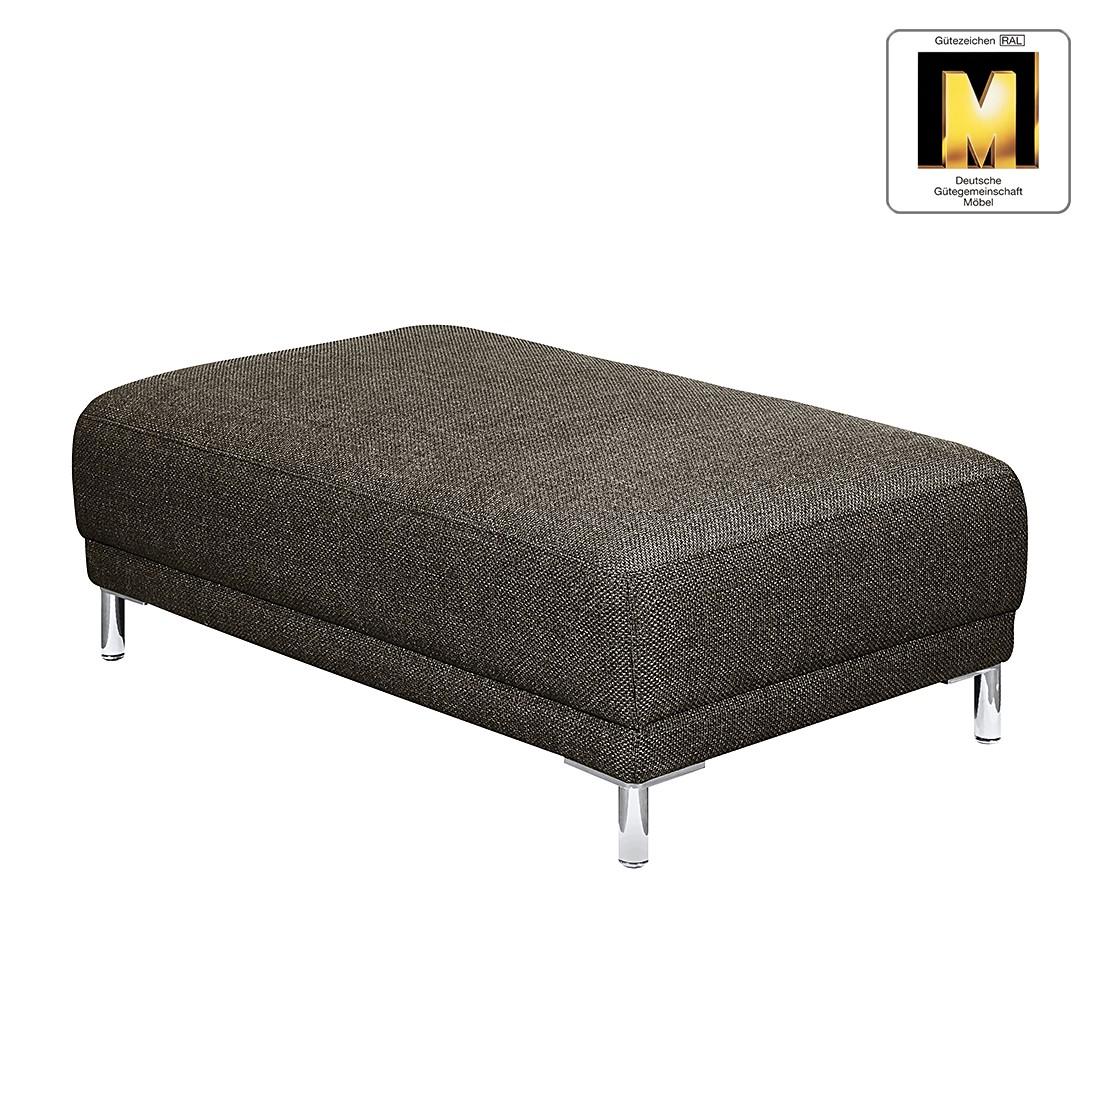 hocker sitzb nke archives. Black Bedroom Furniture Sets. Home Design Ideas